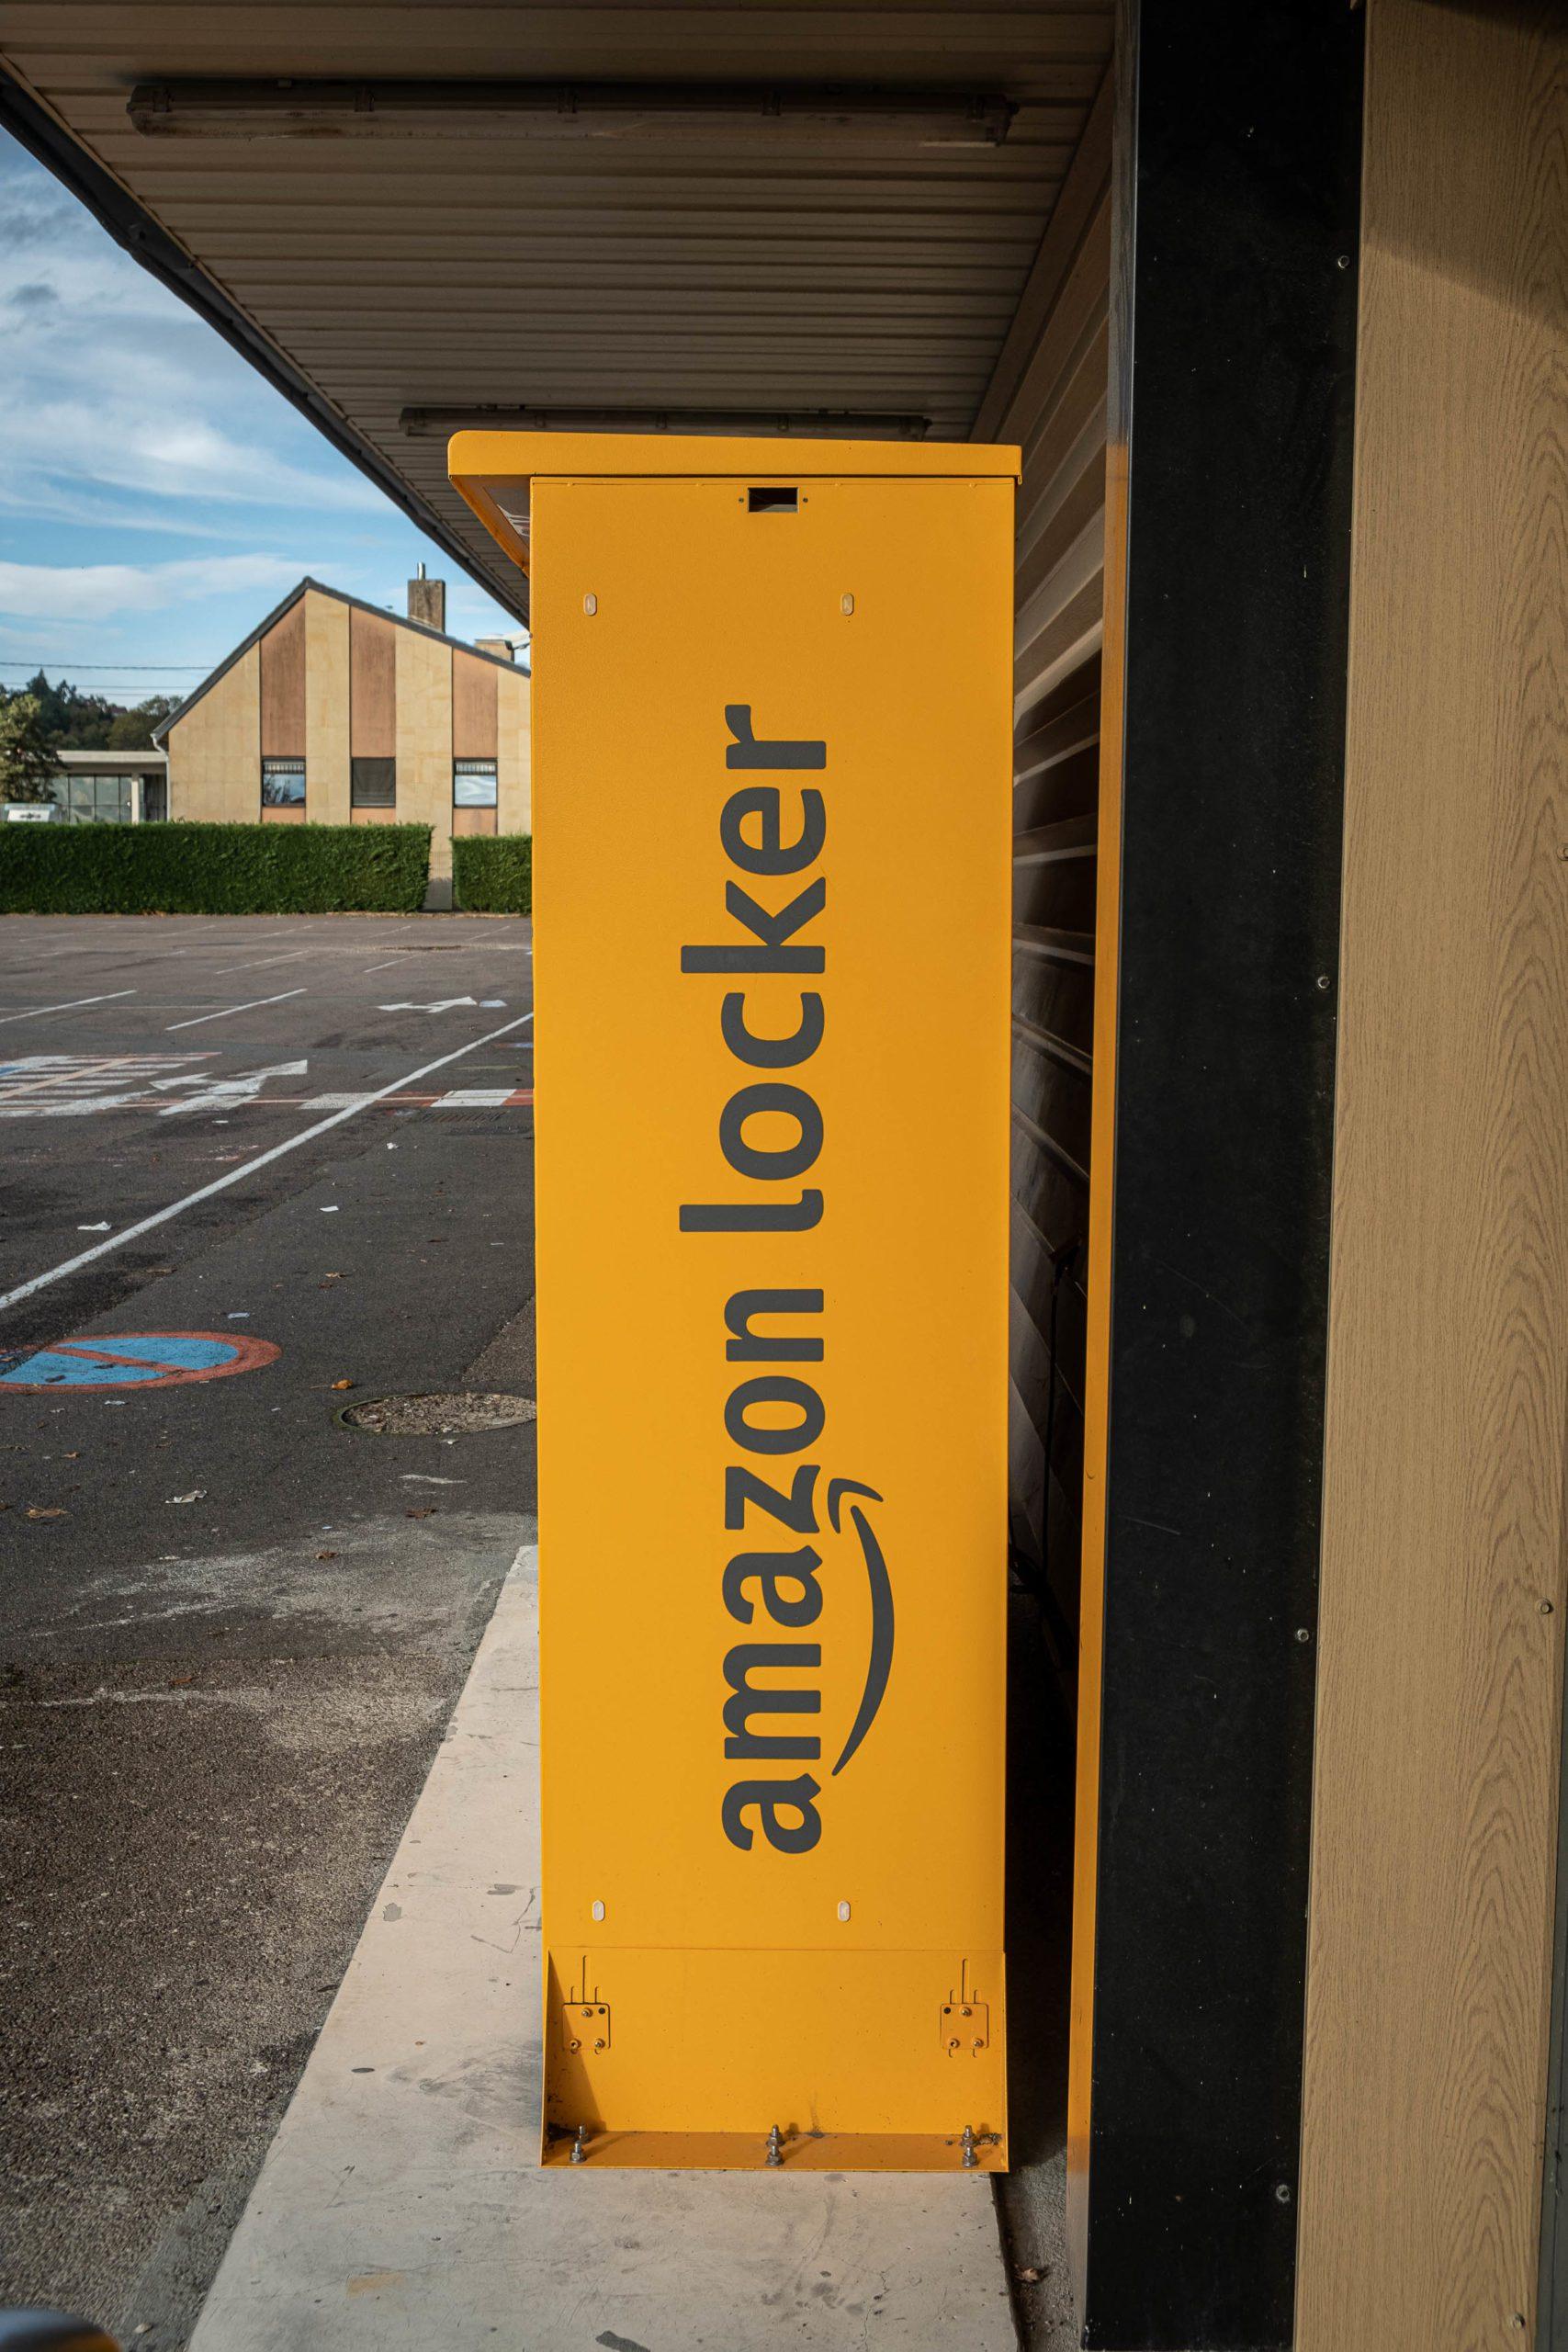 """Barely 1km apart, two """"Amazon Locker"""" parcel collection points have been installed in front of two supermarkets in Saone-et-Loire. Le Creusot, 8 November 2020. Florian Jannot-Caeilleté / APJ / Hans Lucas.A a peine 1km d ecart, deux bornes de retrait de colis """"Amazon Locker"""" sont installes devant deux supermarches en Saone-et-Loire. Le Creusot, 8 novembre 2020. Florian Jannot-Caeilleté / APJ / Hans Lucas."""